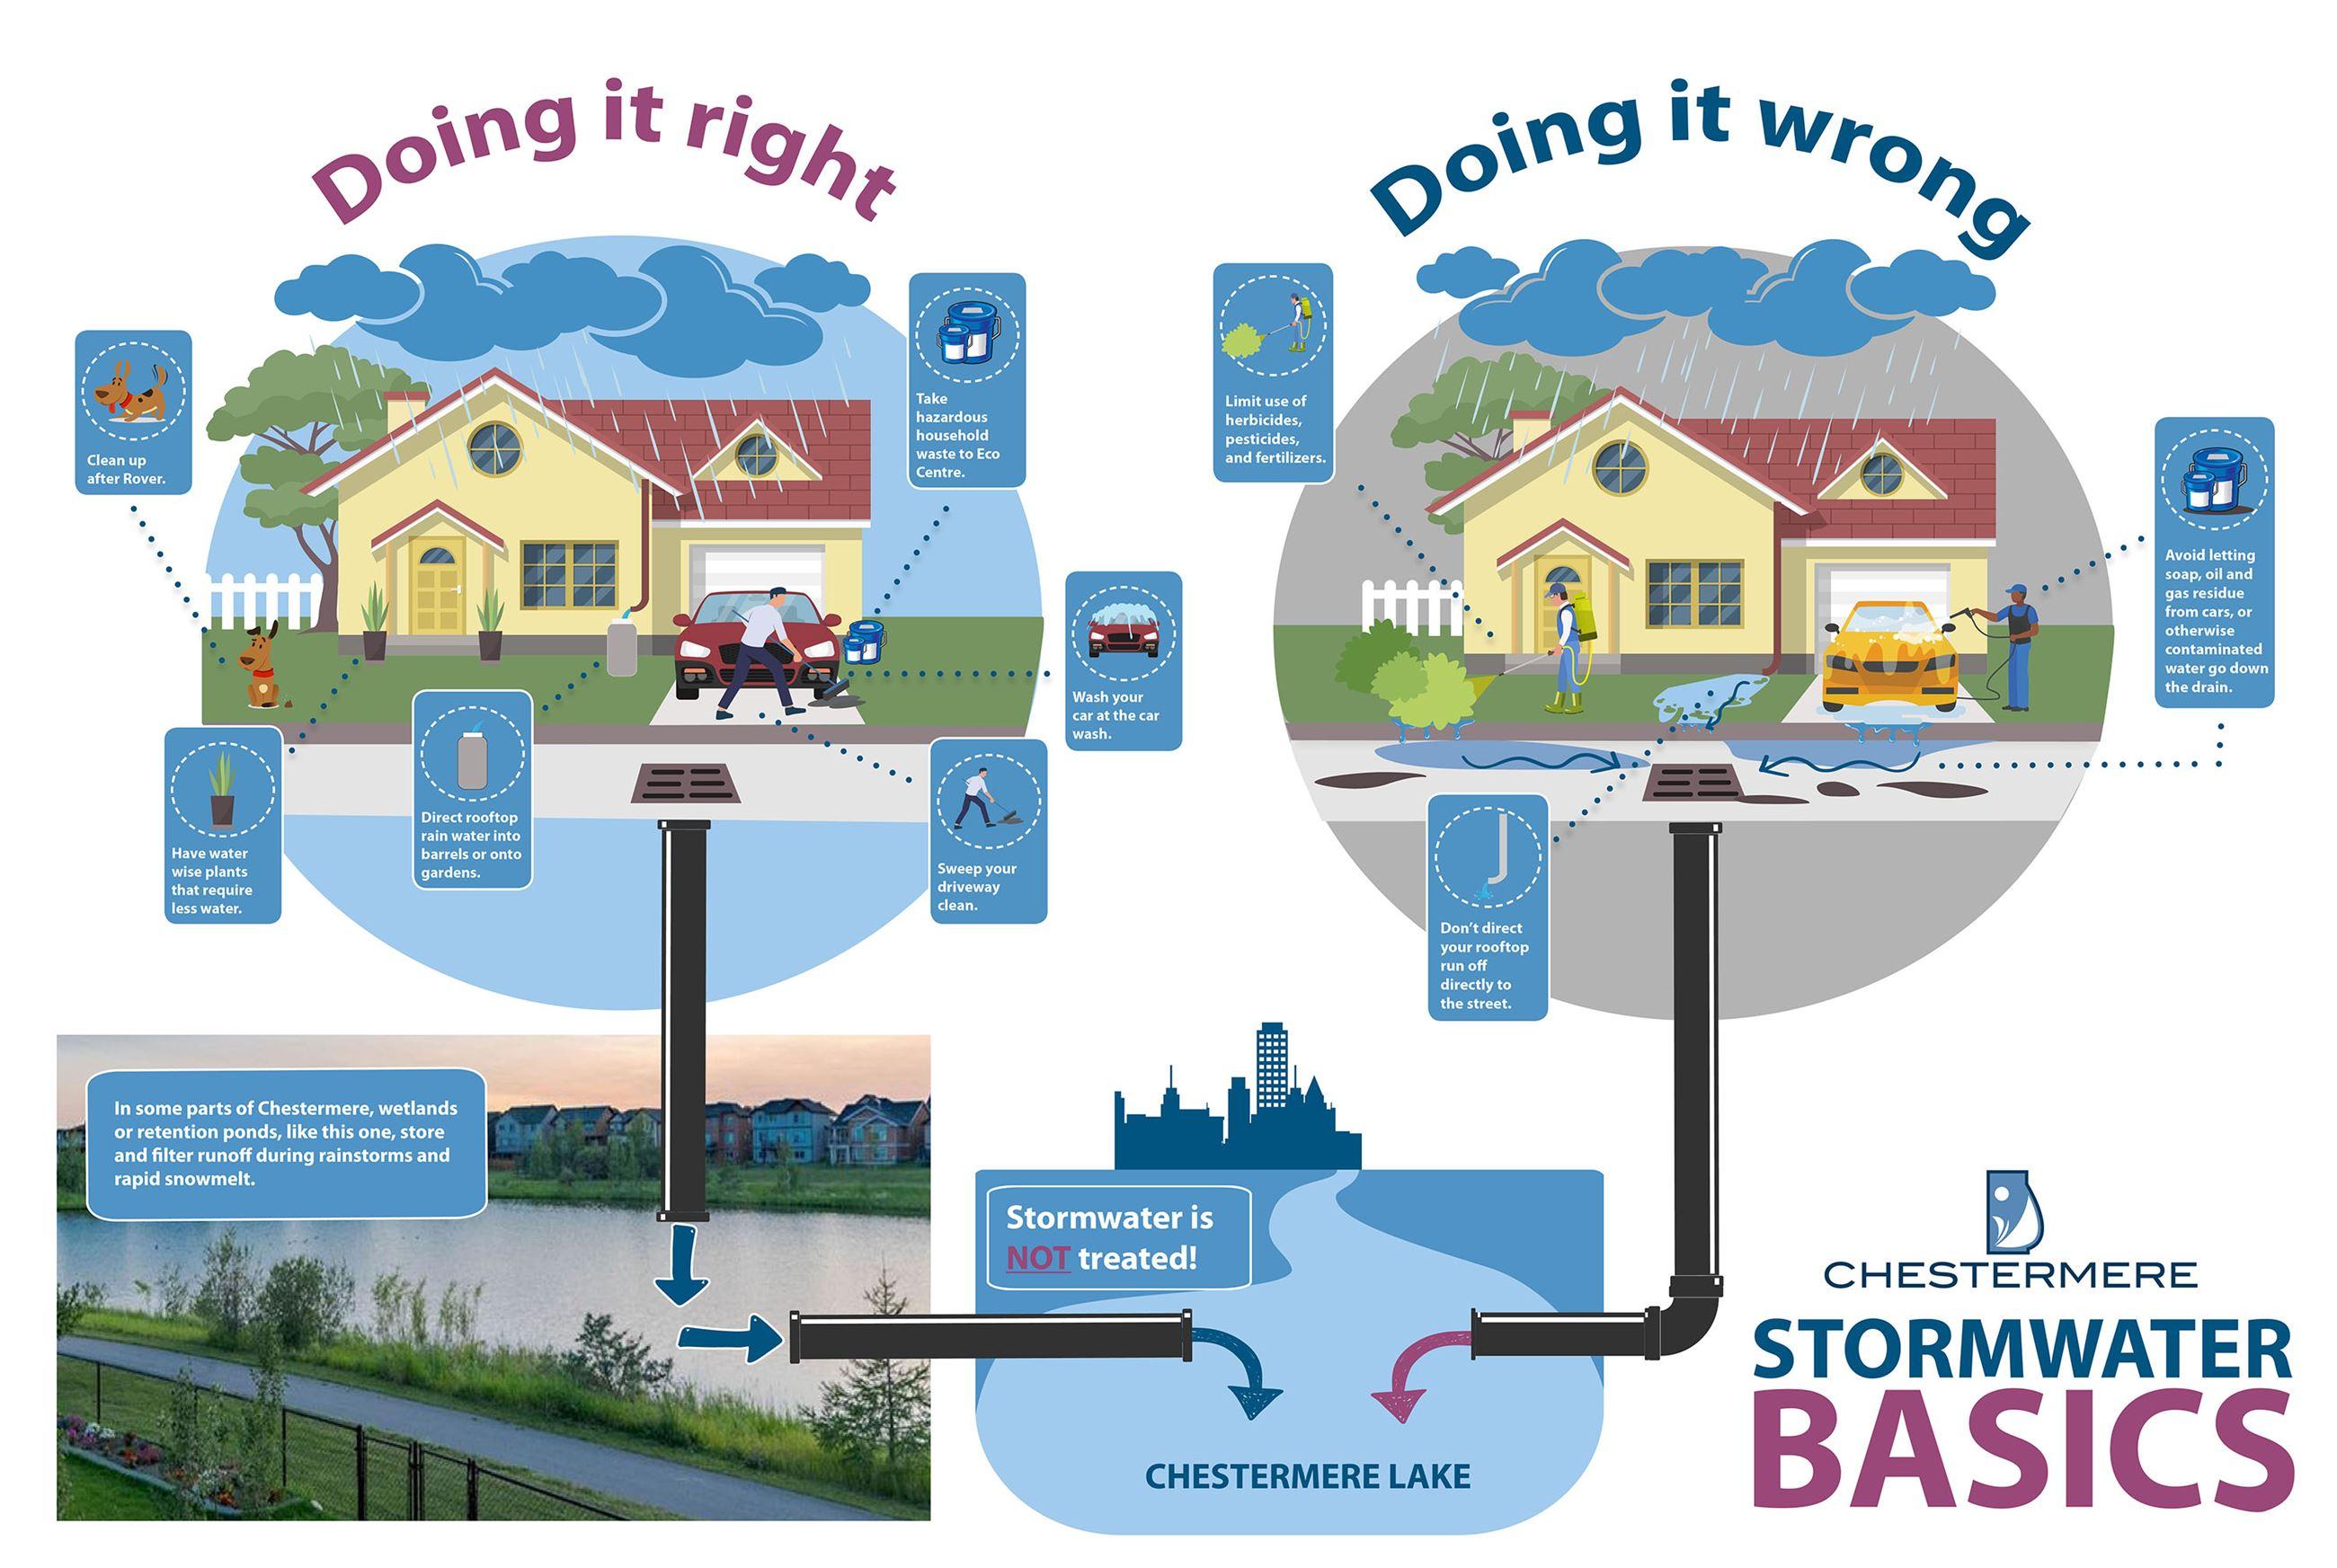 Stormwater Basics info graphic